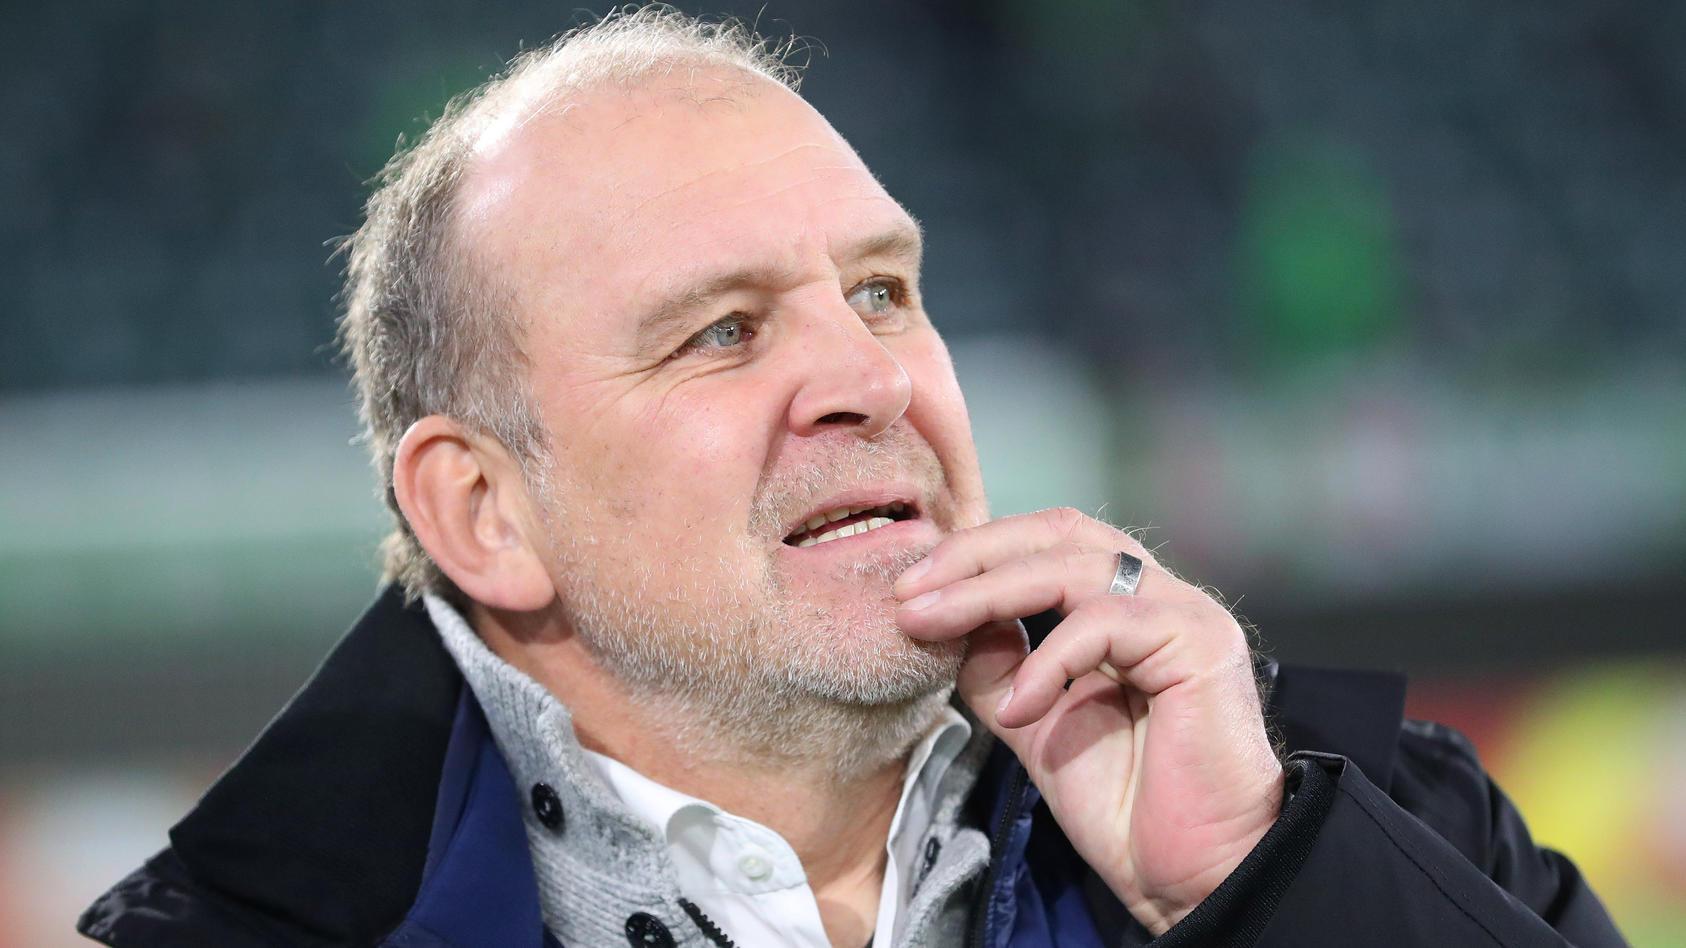 VfL vs KAA Gent, EL Wolfsburg, Deutschland. 07.11.2019, FUßBALL - VfL Wolfsburg vs KAA Gent, Europa League, Saison 2019/